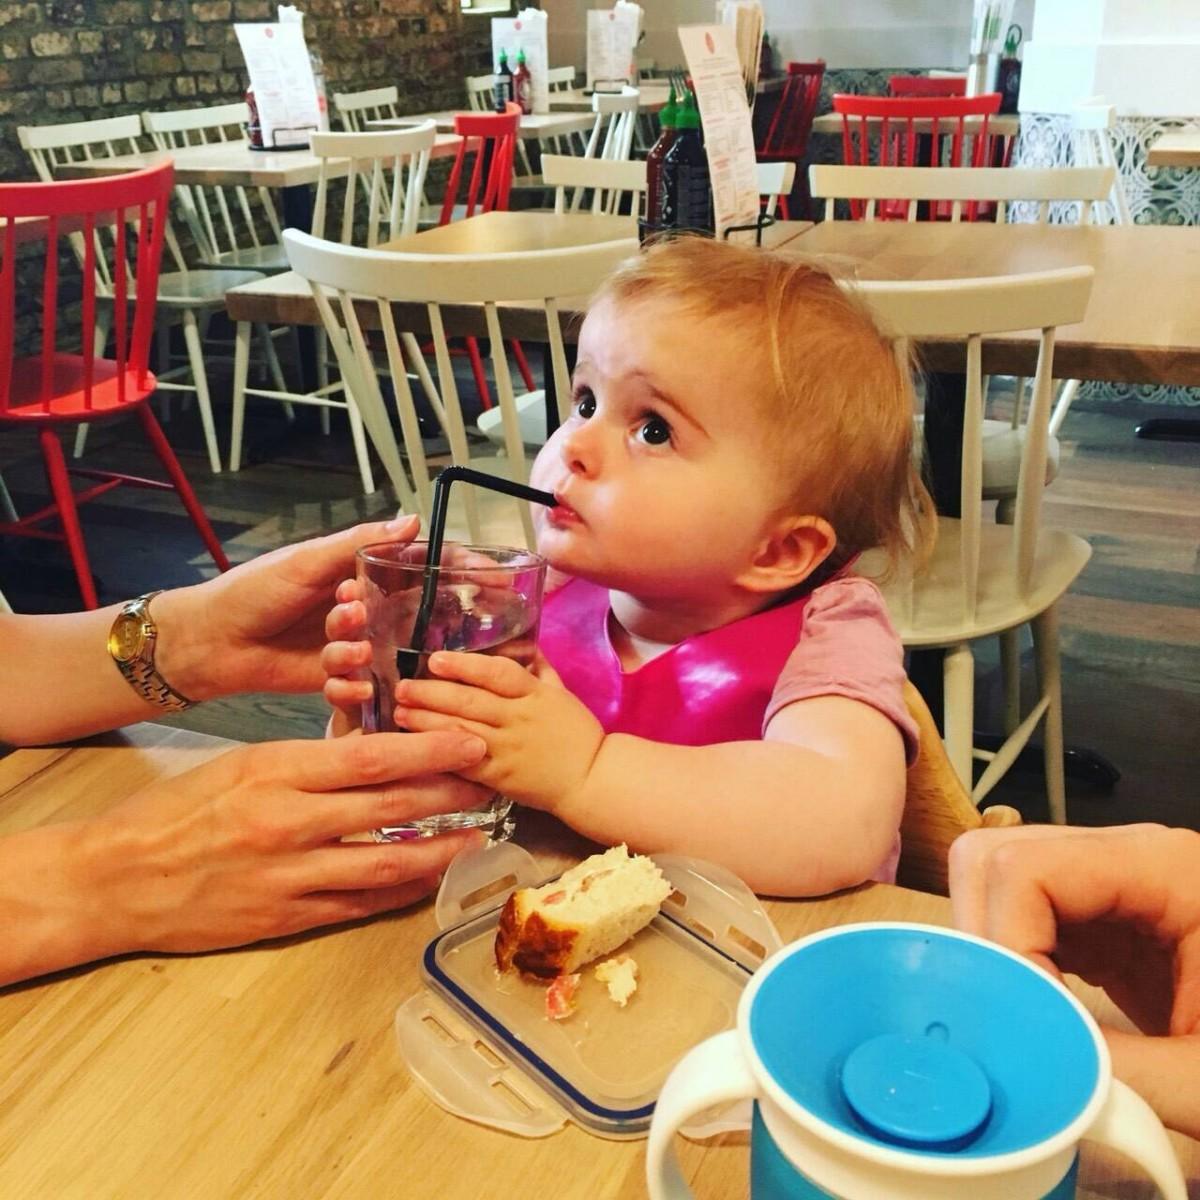 以前お世話になったホストファミリーの赤ちゃんに会いにロンドンへ♡【あーやのイギリスワーホリブログ】